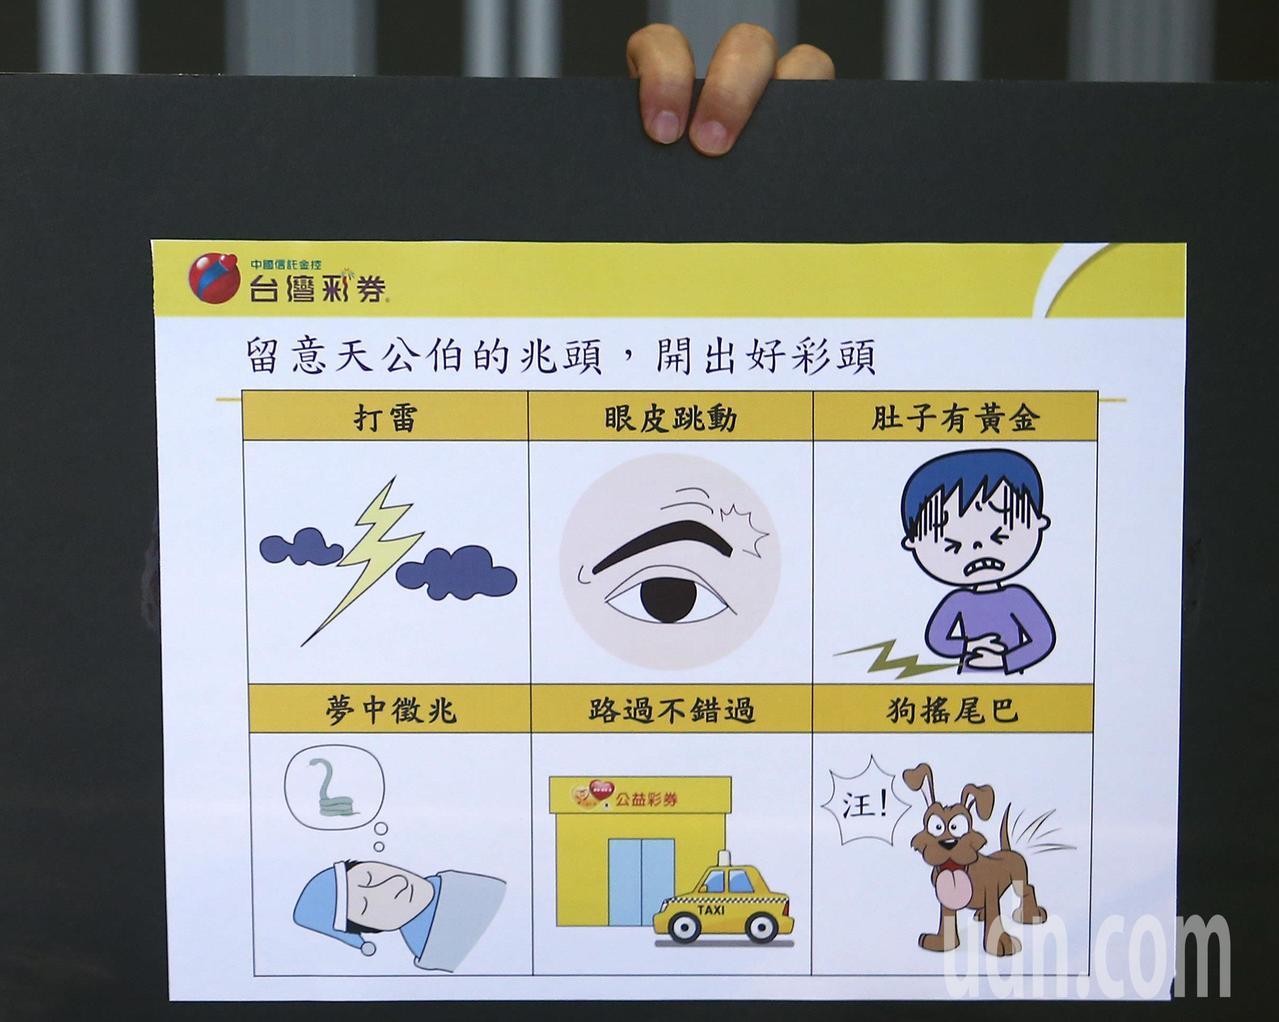 台灣彩券公司總經理蔡國基請民眾留意身邊這些情況和跡象,很有可能是中大獎的前兆。記...